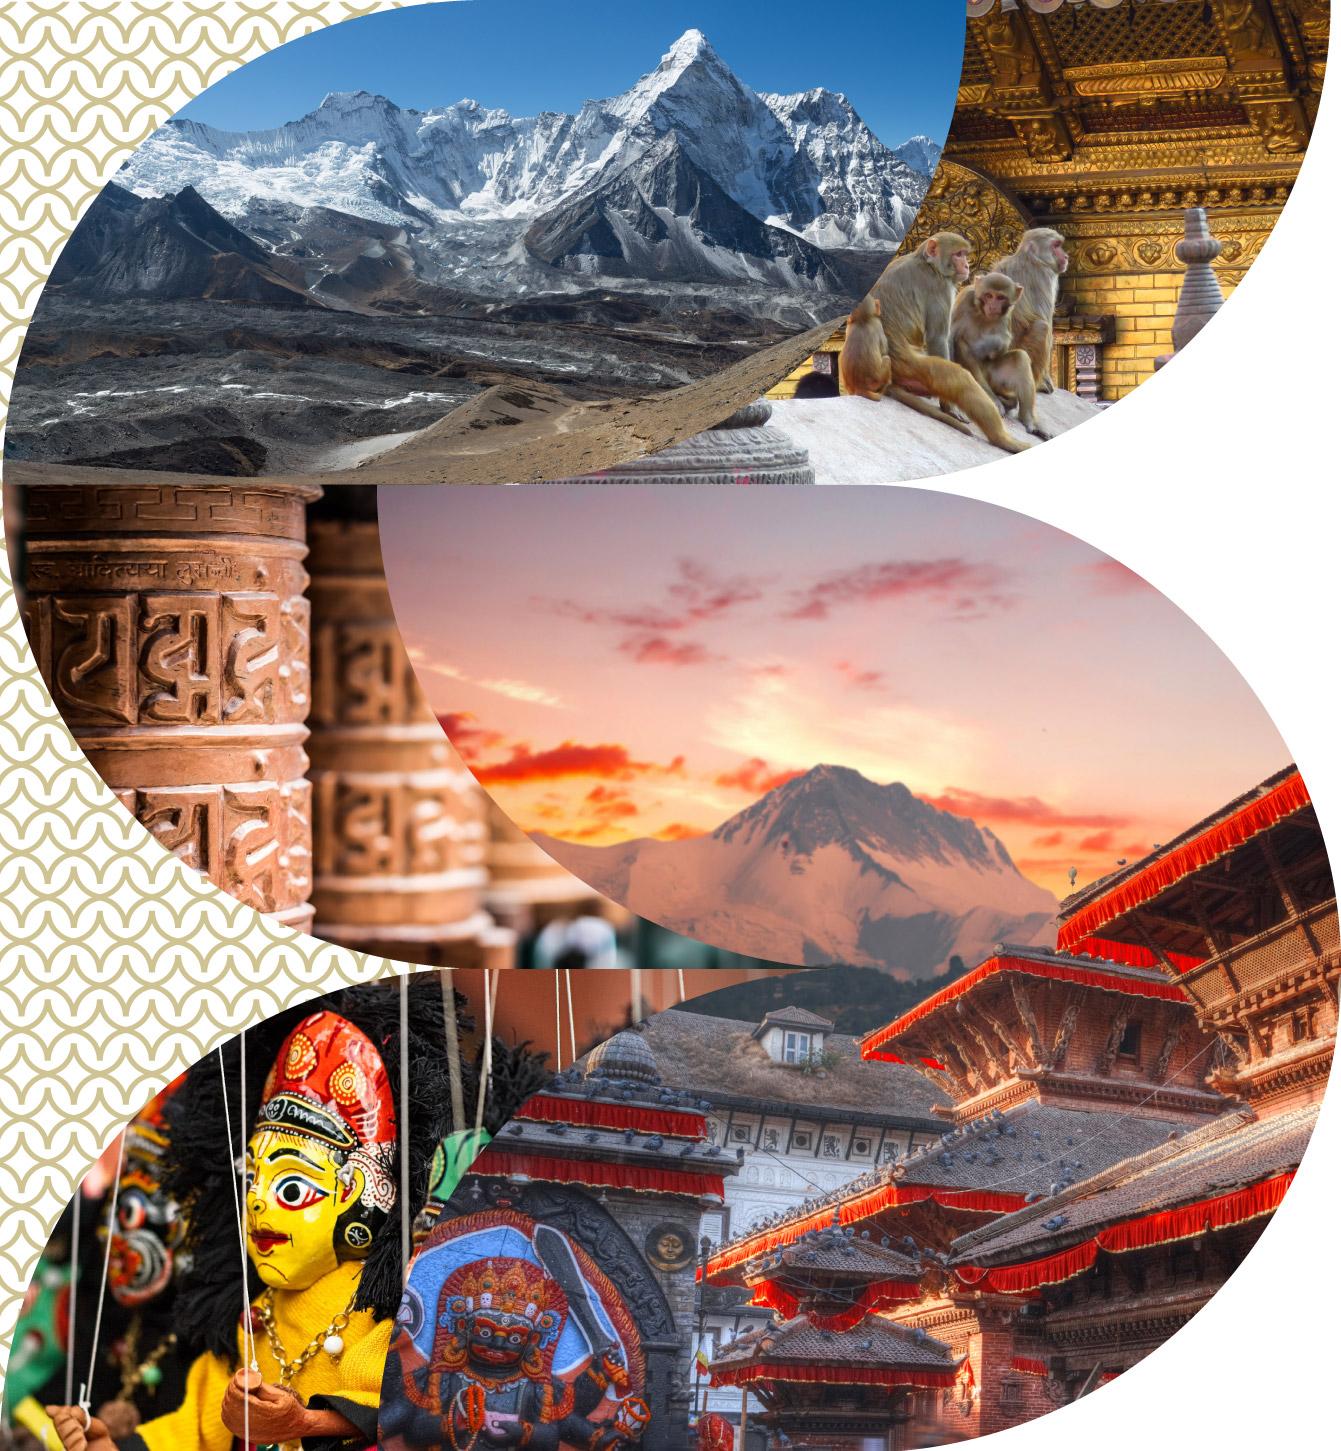 meilleurs sites de rencontres pour le Népal moyenne de temps de datation avant le mariage